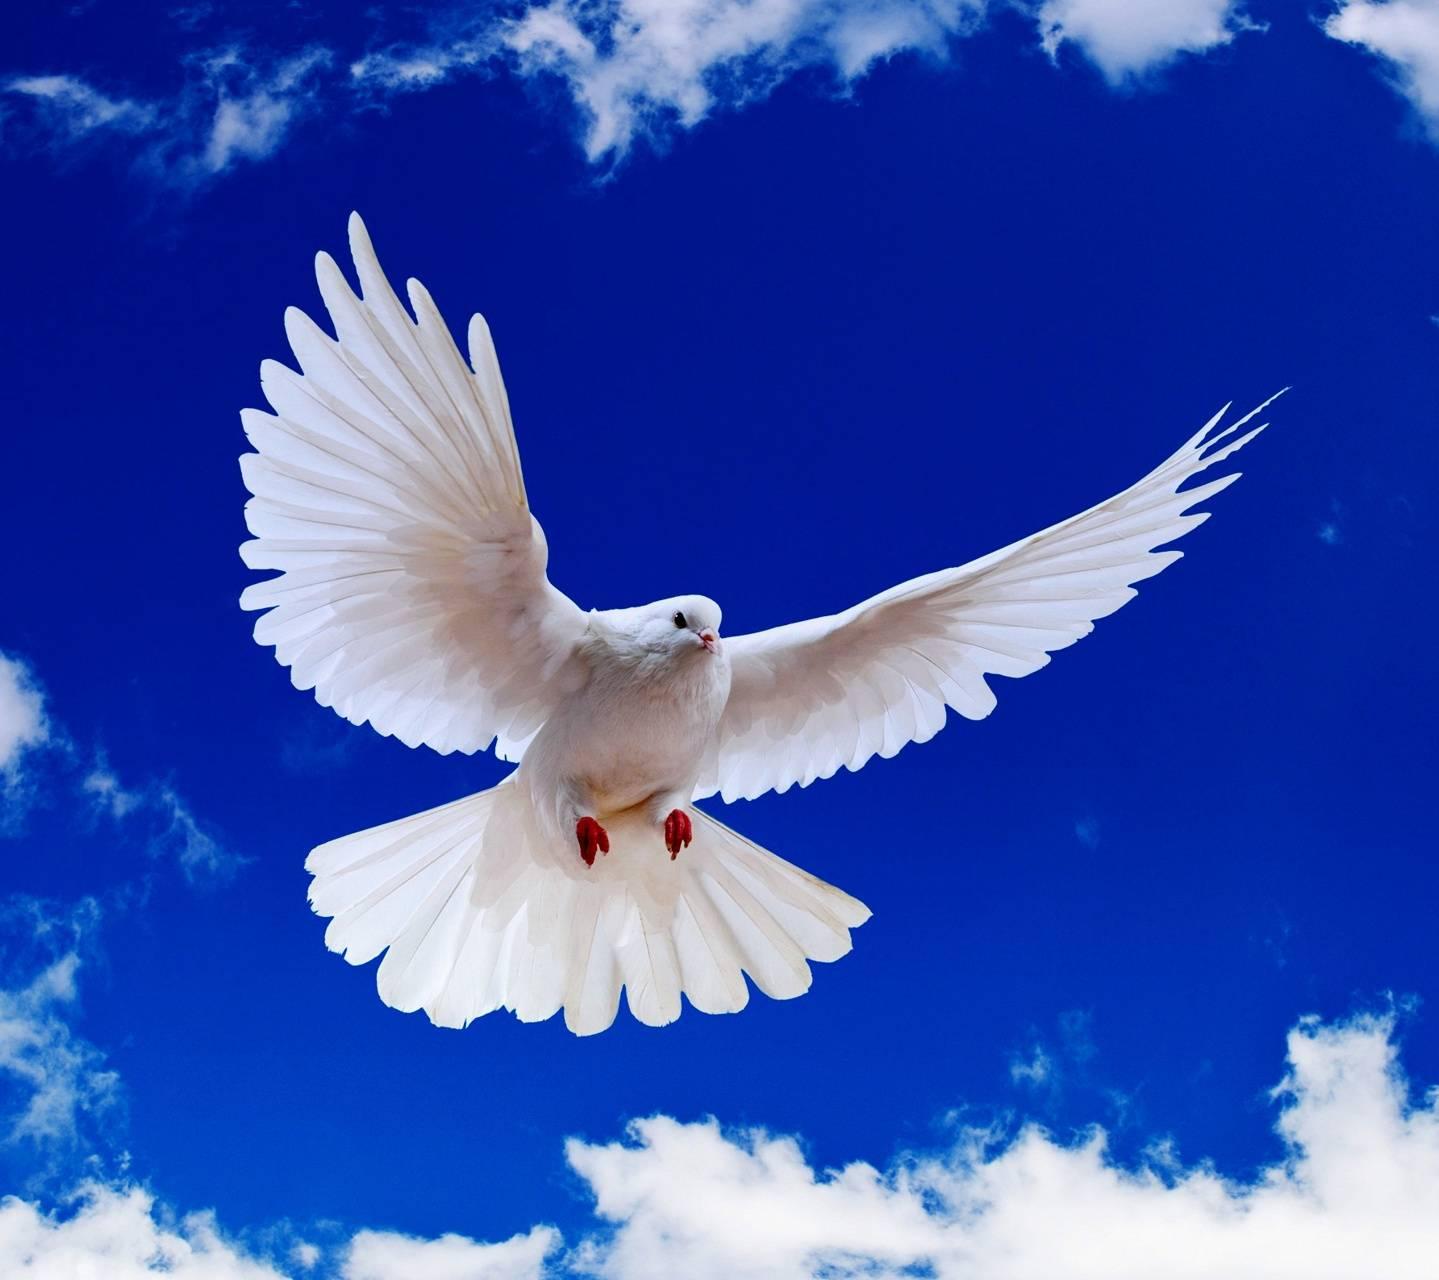 решила картинка голубь спускается может быть виде